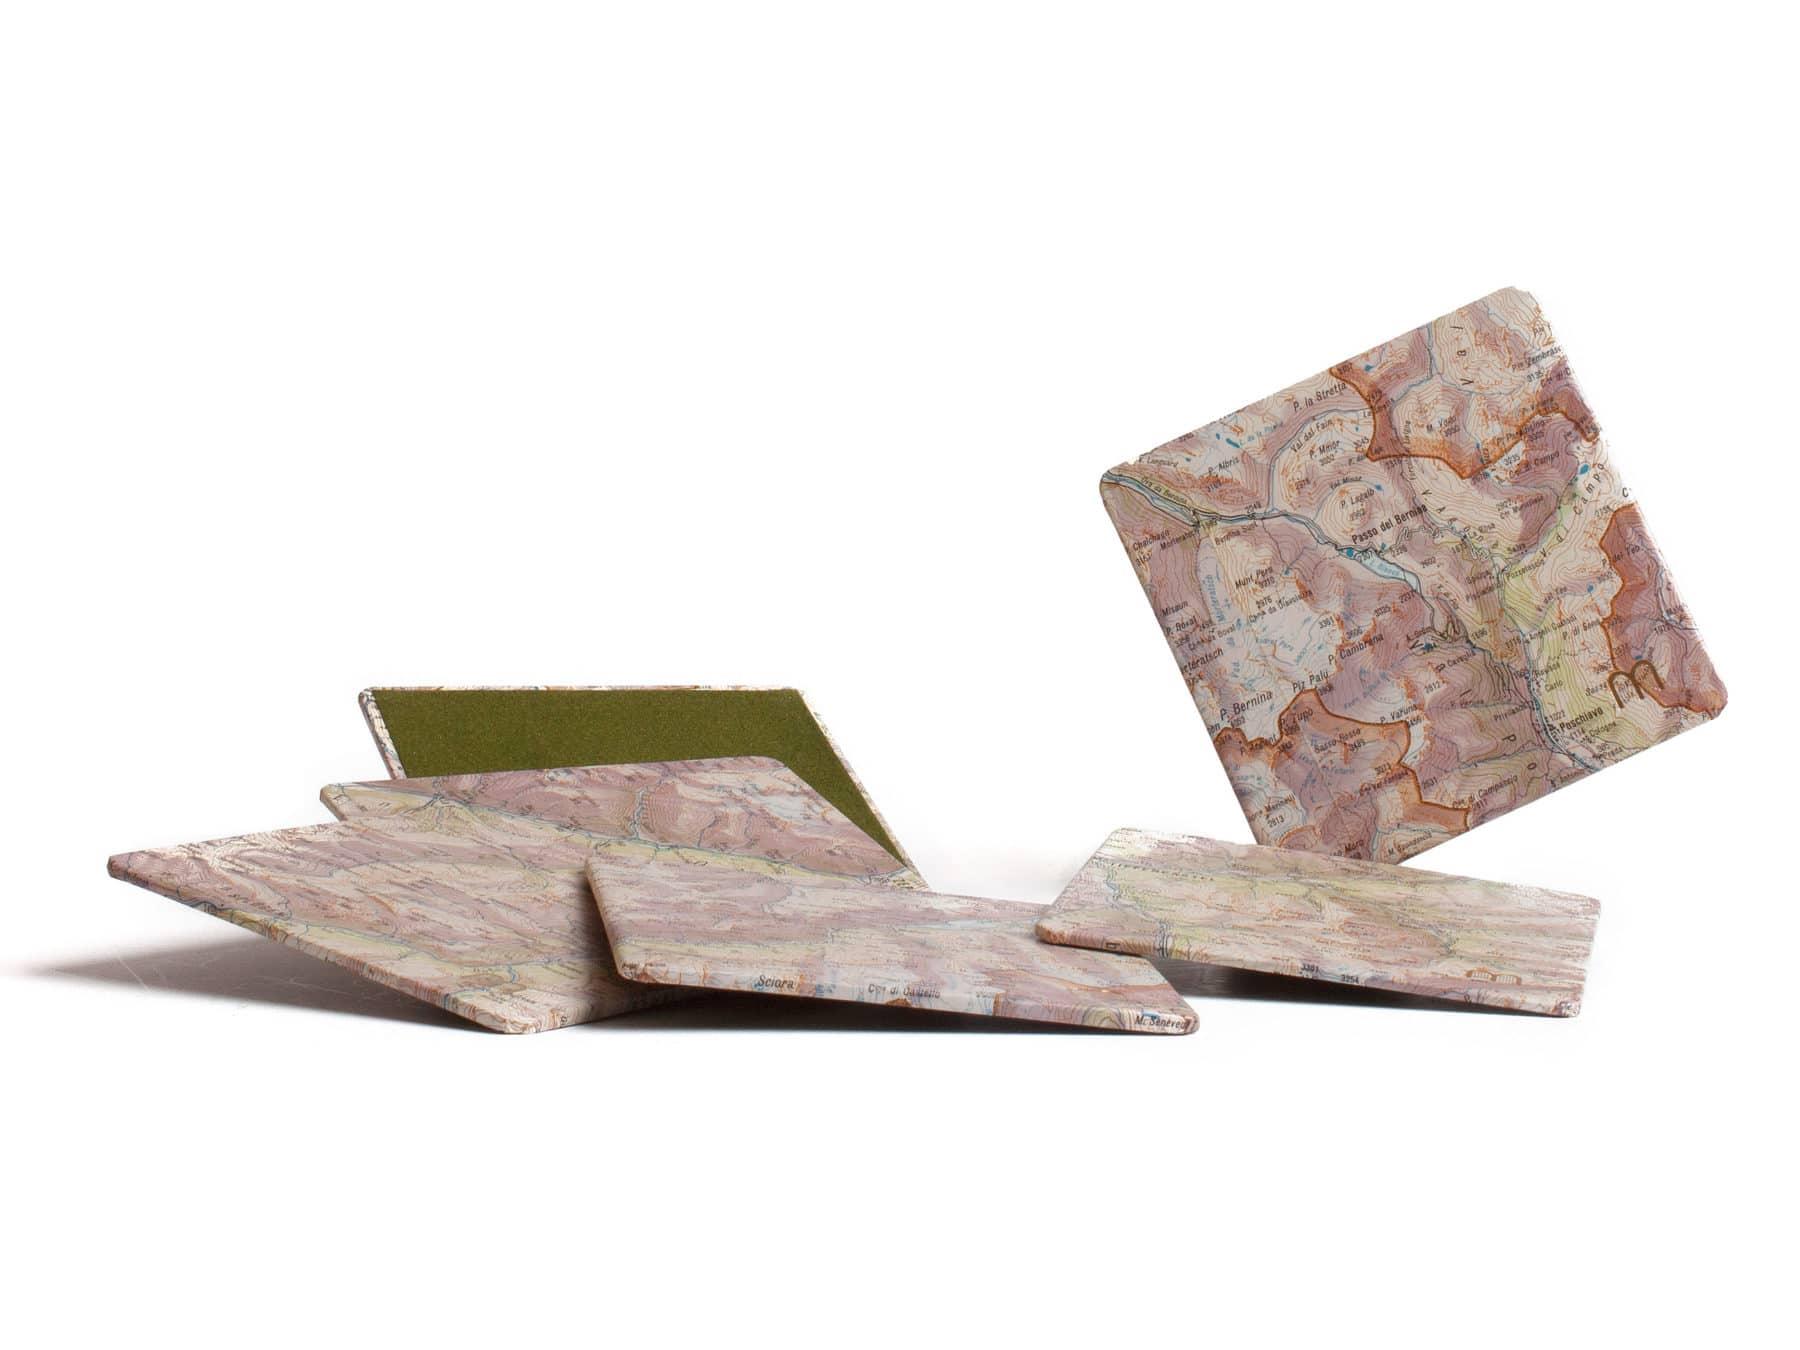 Glasuntersetzer Schweiz aus alten Schweizer Landkarten Recycling Upcycling Schweiz KURTS.ch